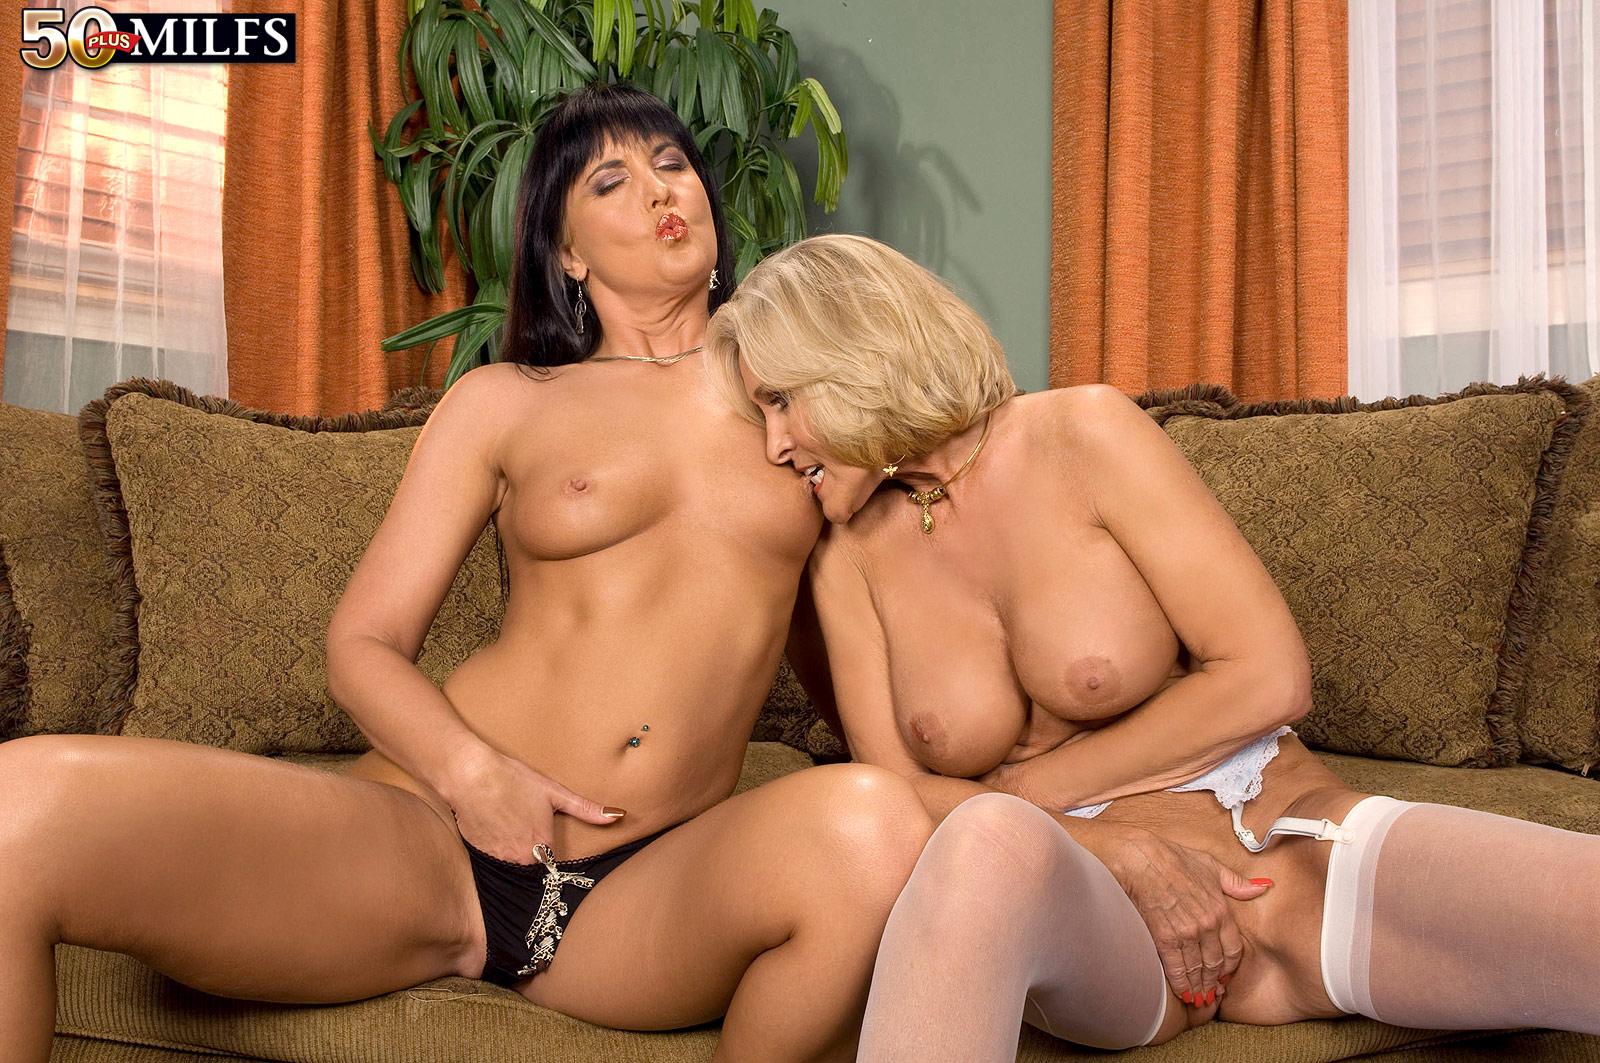 Friends wife milf no panties